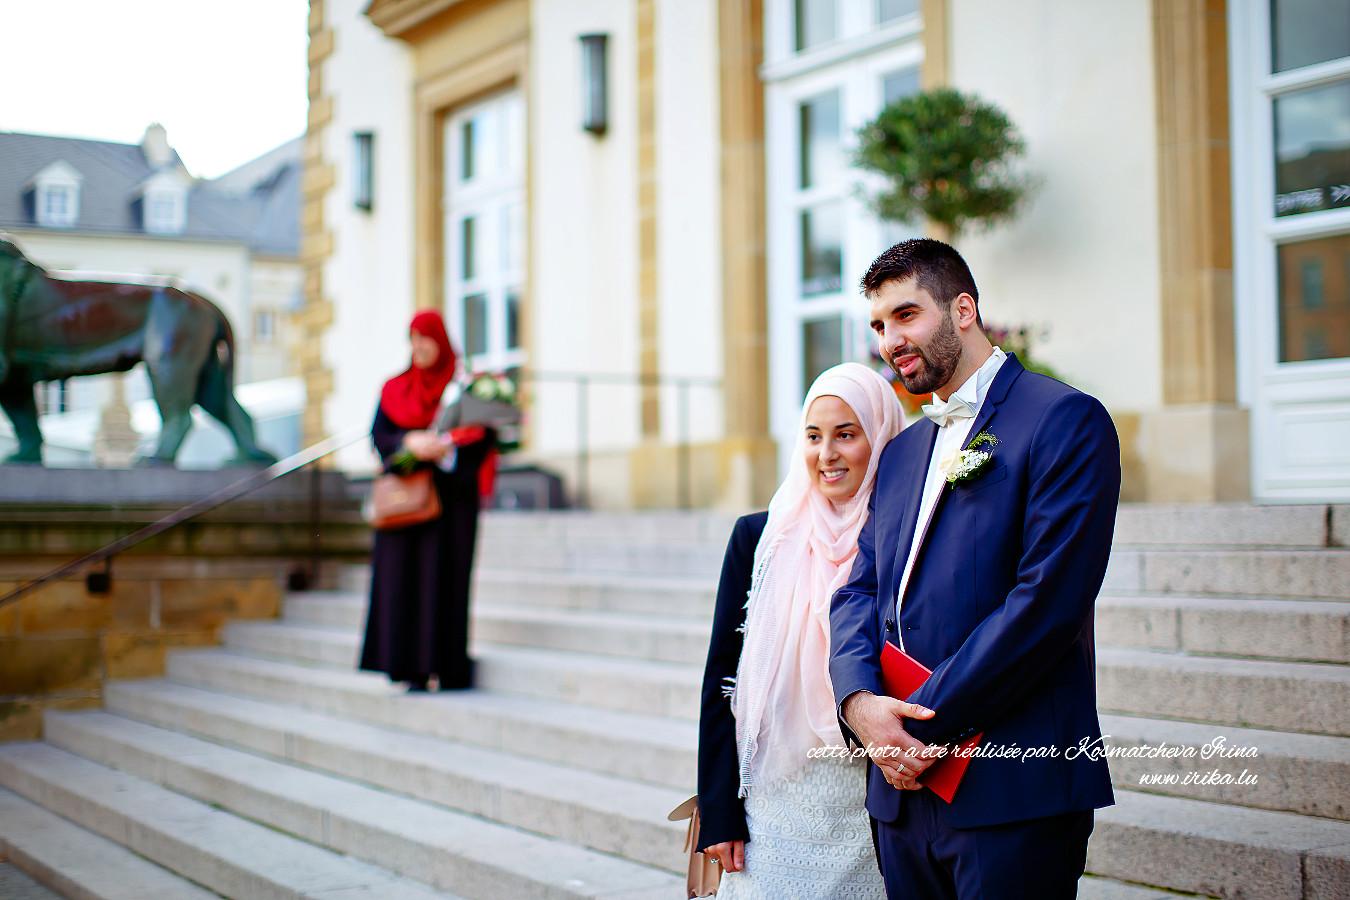 Photo obligatoire avec le marié devant la commune